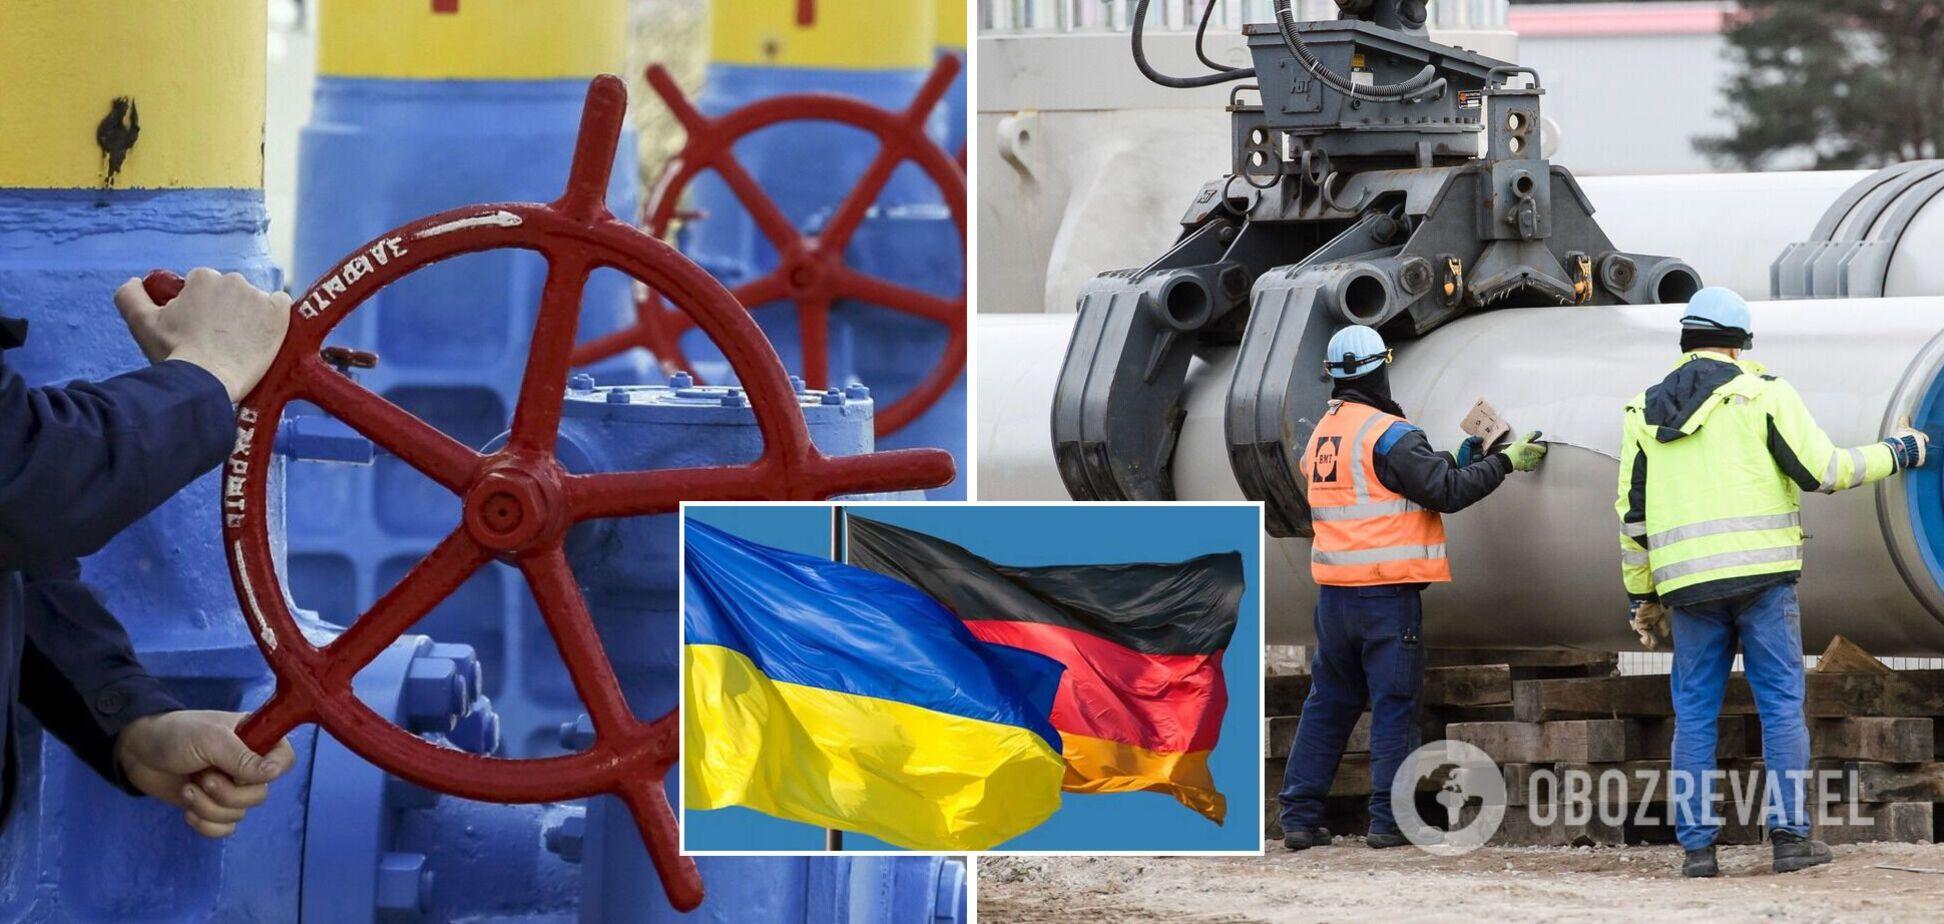 Россия может транспортировать вдвое больше газа через Украину: 'Оператор ГТС' обратился к Германии